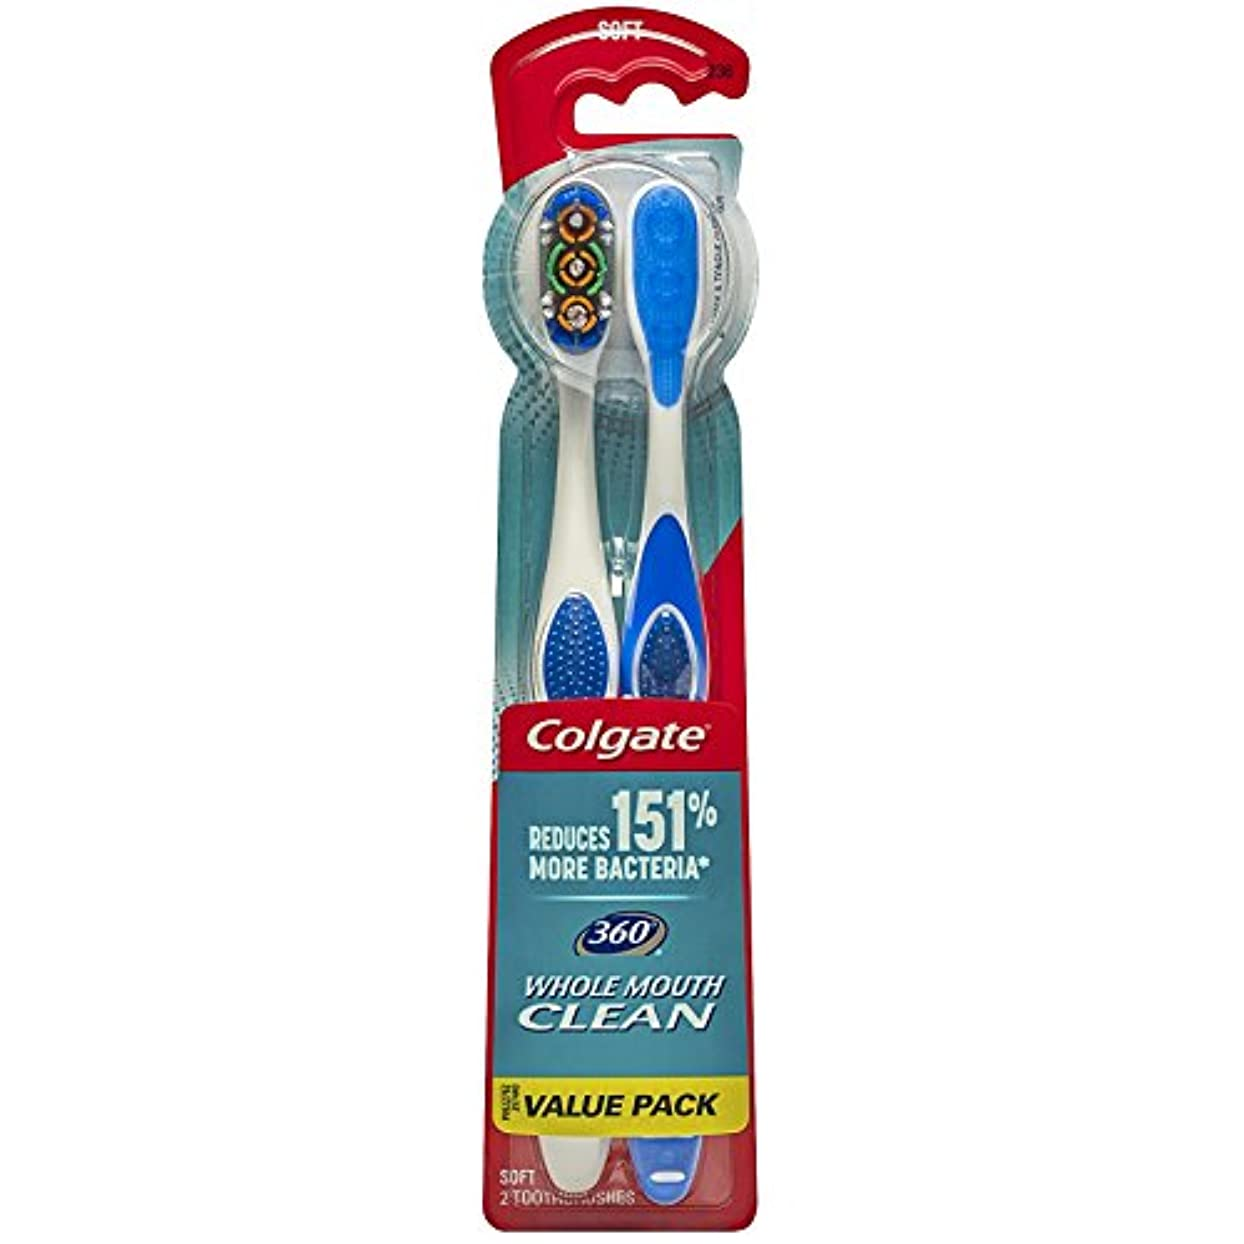 差もろい酸化物Colgate 360大人の完全な頭部柔らかい歯ブラシ、ツインパック